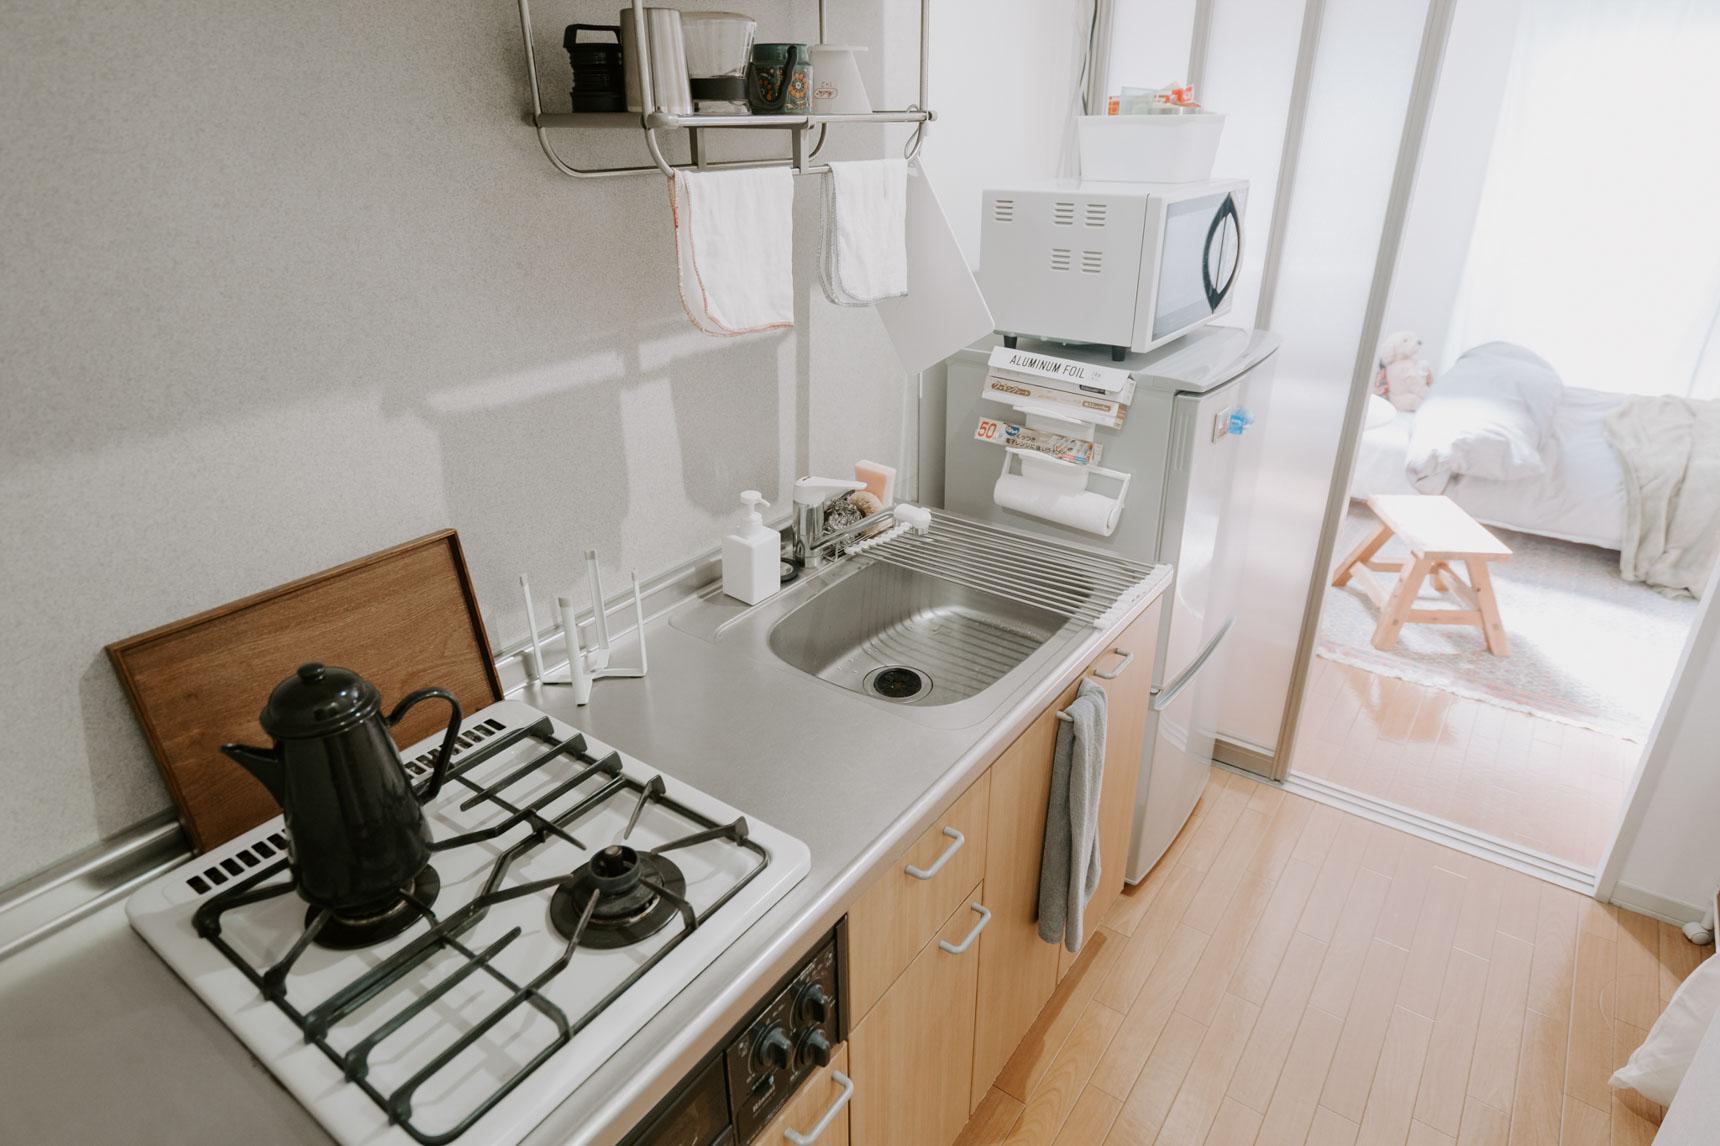 キッチンも、よく使うものがわかりやすい場所にあって、使いやすそうでした。